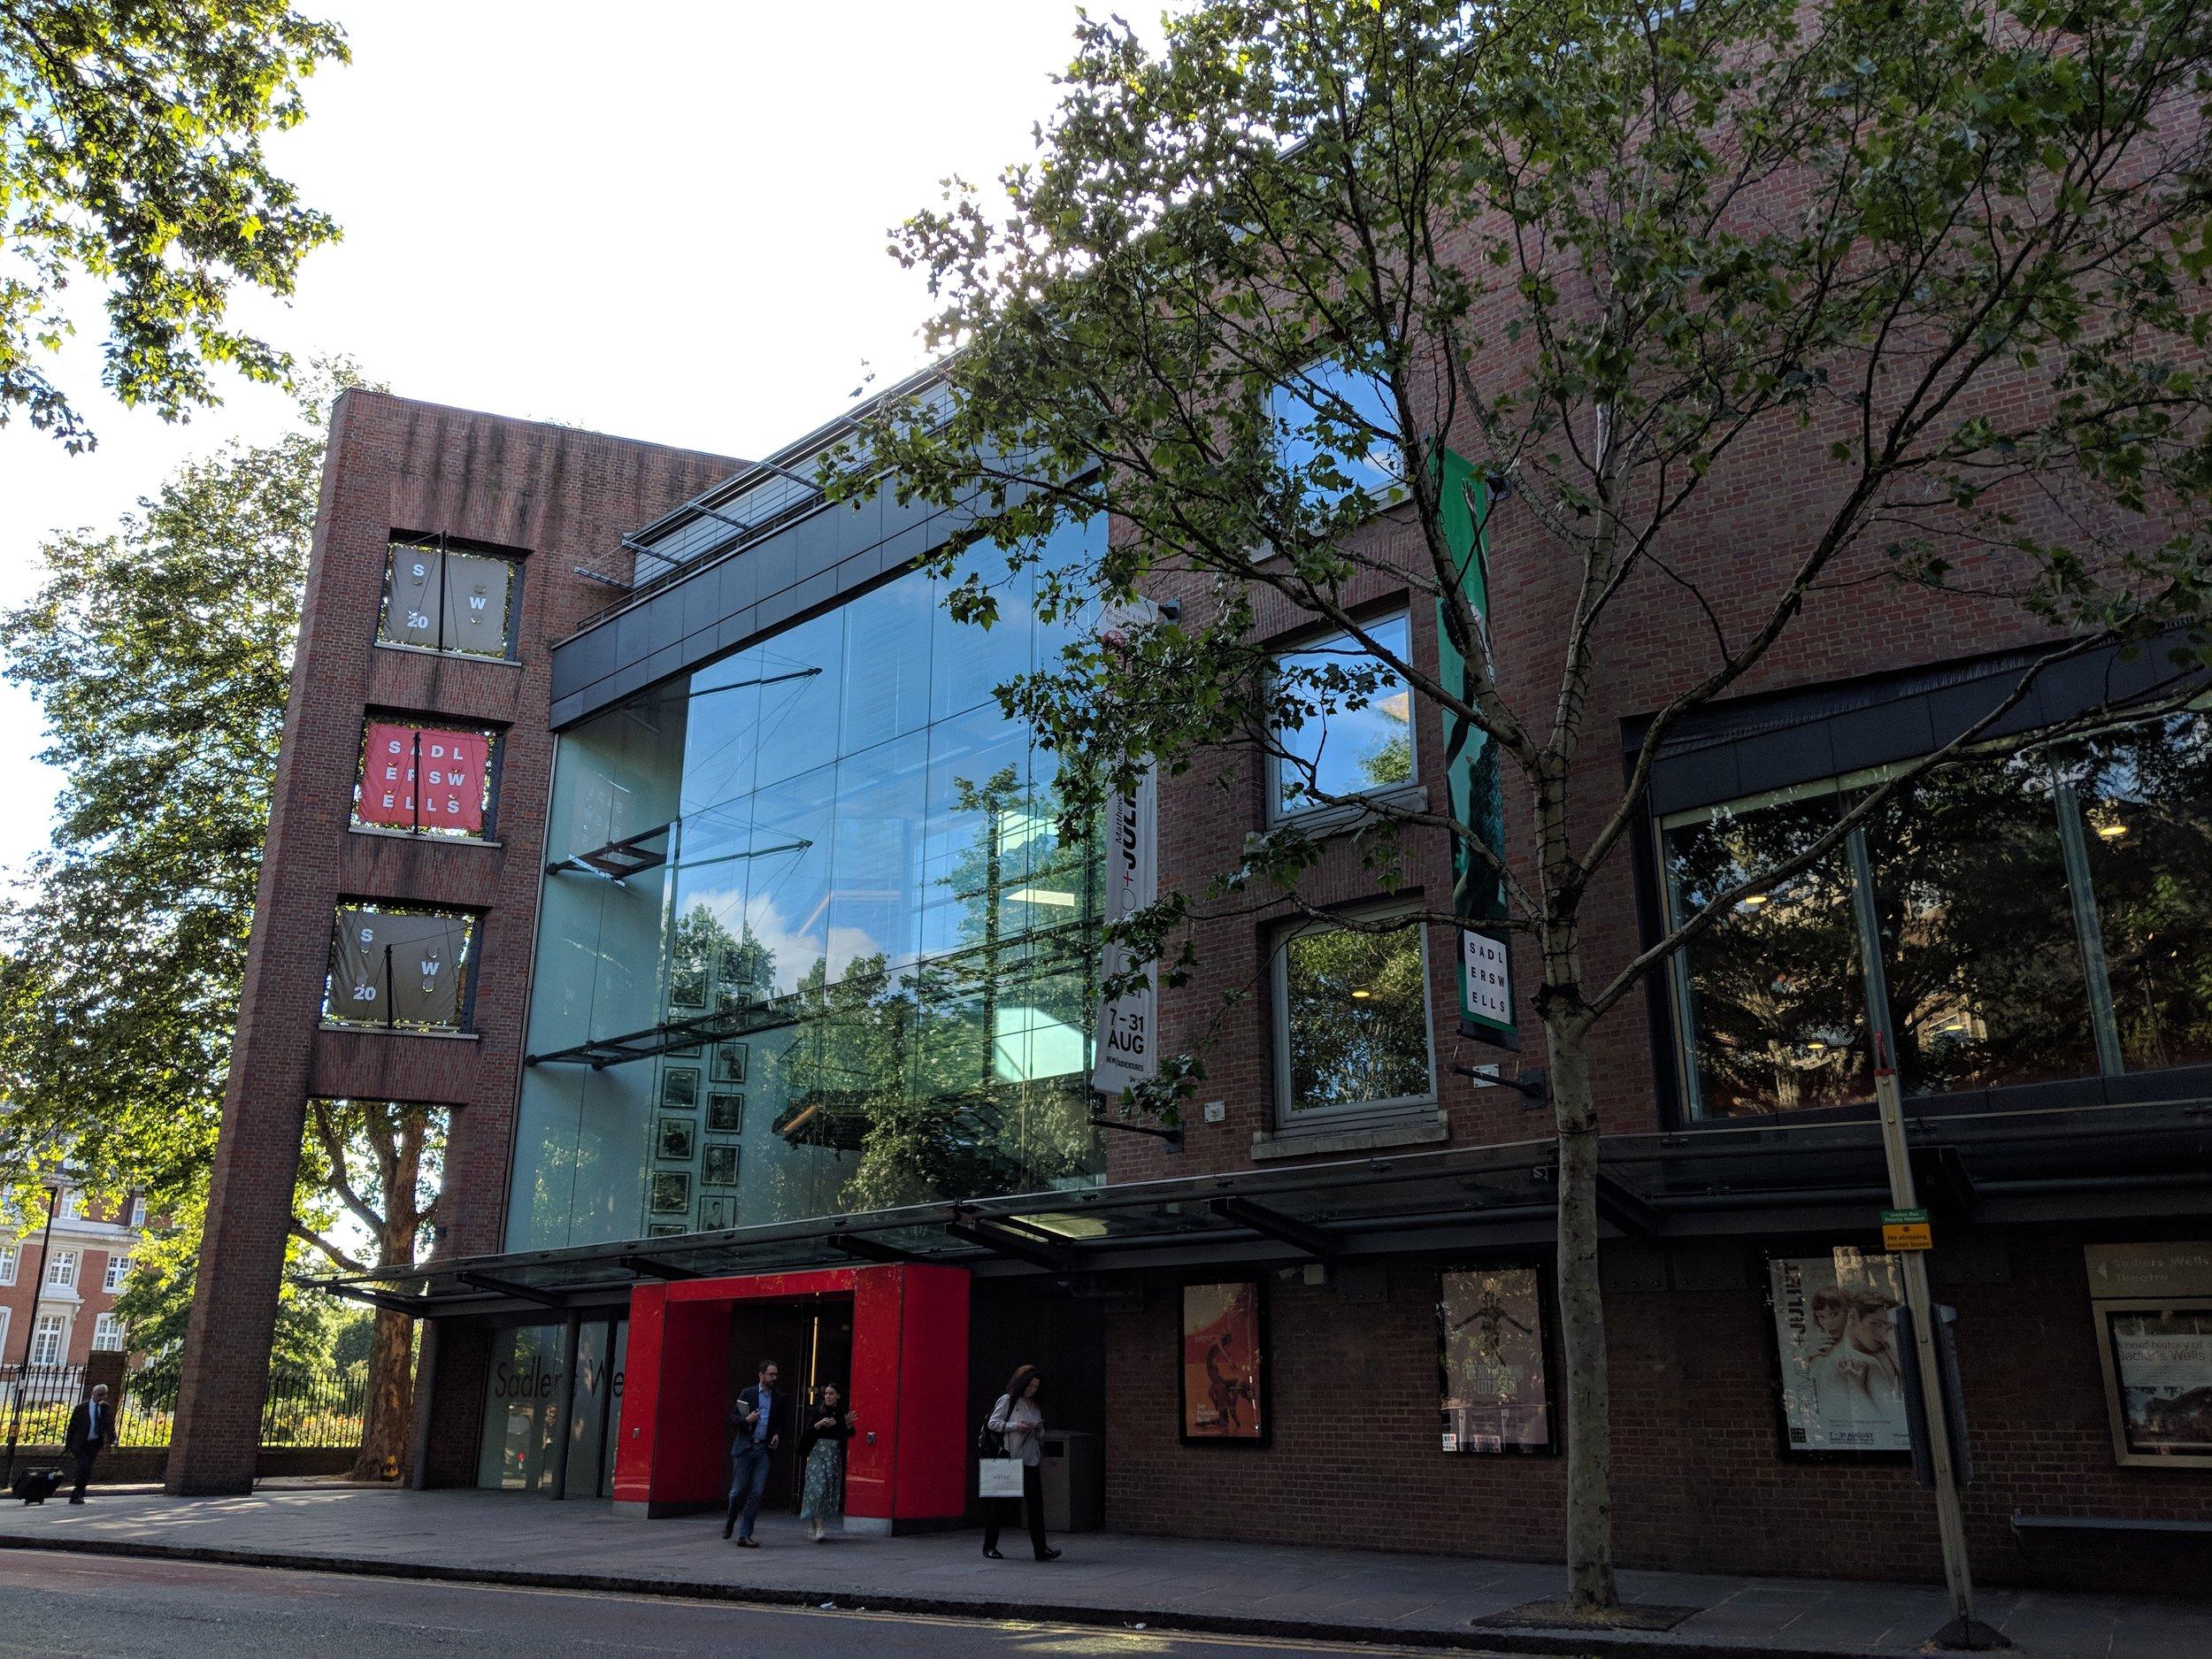 Sadler's Wells Theatre - visited 31/05/2019